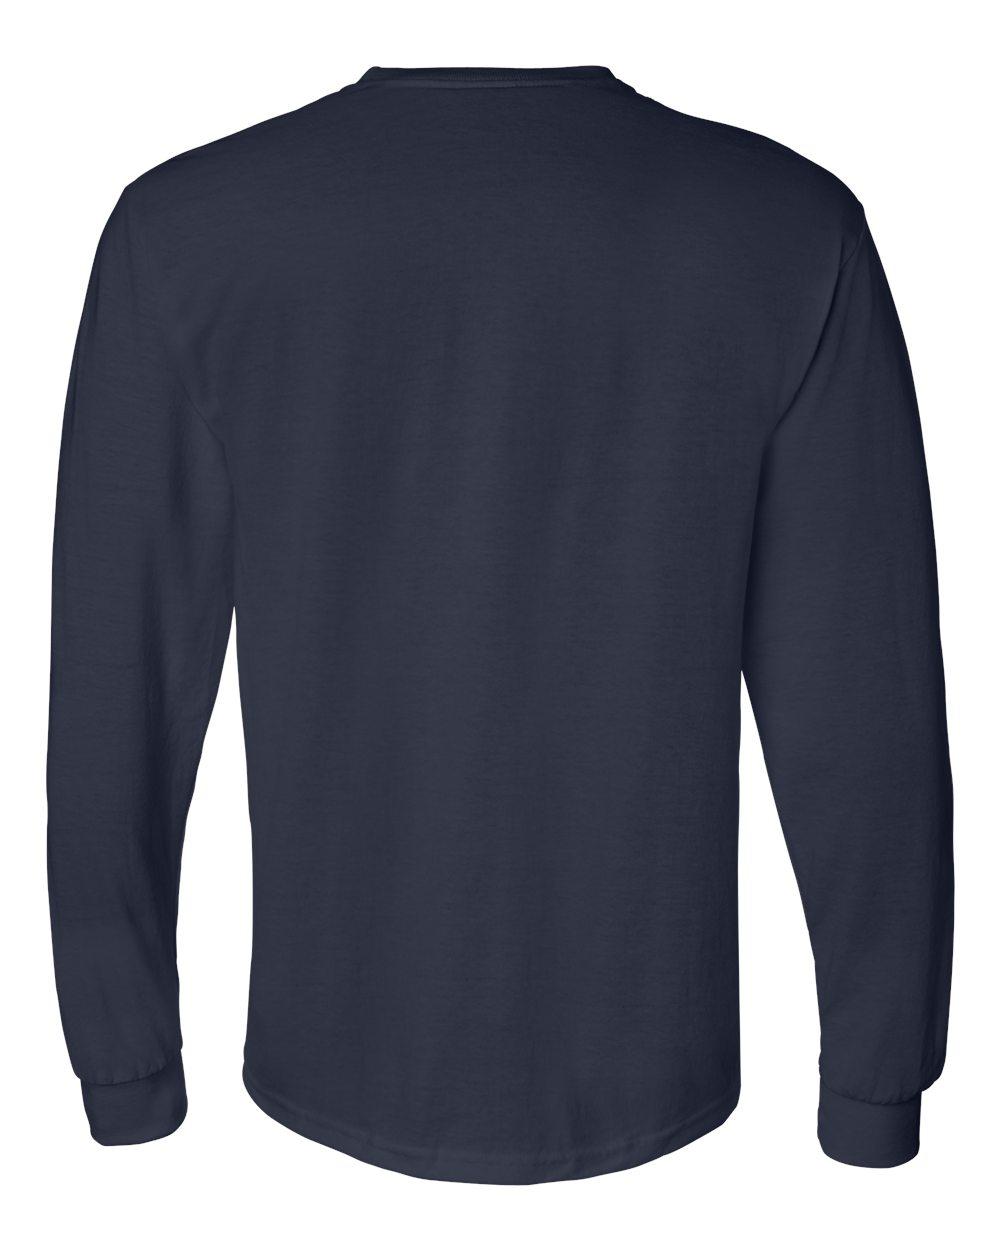 Gildan-Mens-Blank-DryBlend-50-50-Cotton-Long-Sleeve-T-Shirt-8400-up-to-3XL miniature 28